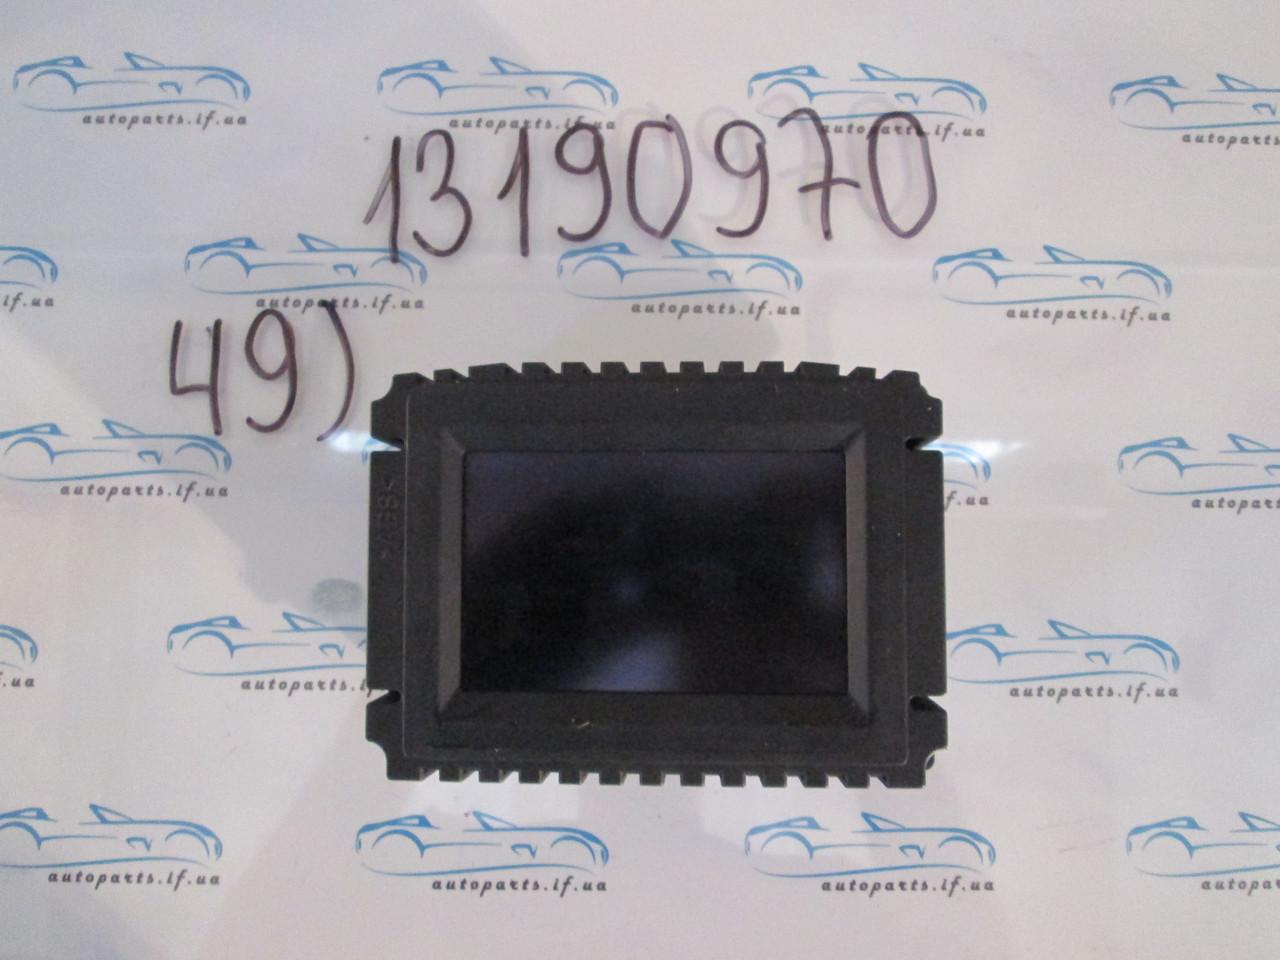 Бортовой компьютер Опель Вектра, Vectra C 3.0DTI №49 13190970 pin